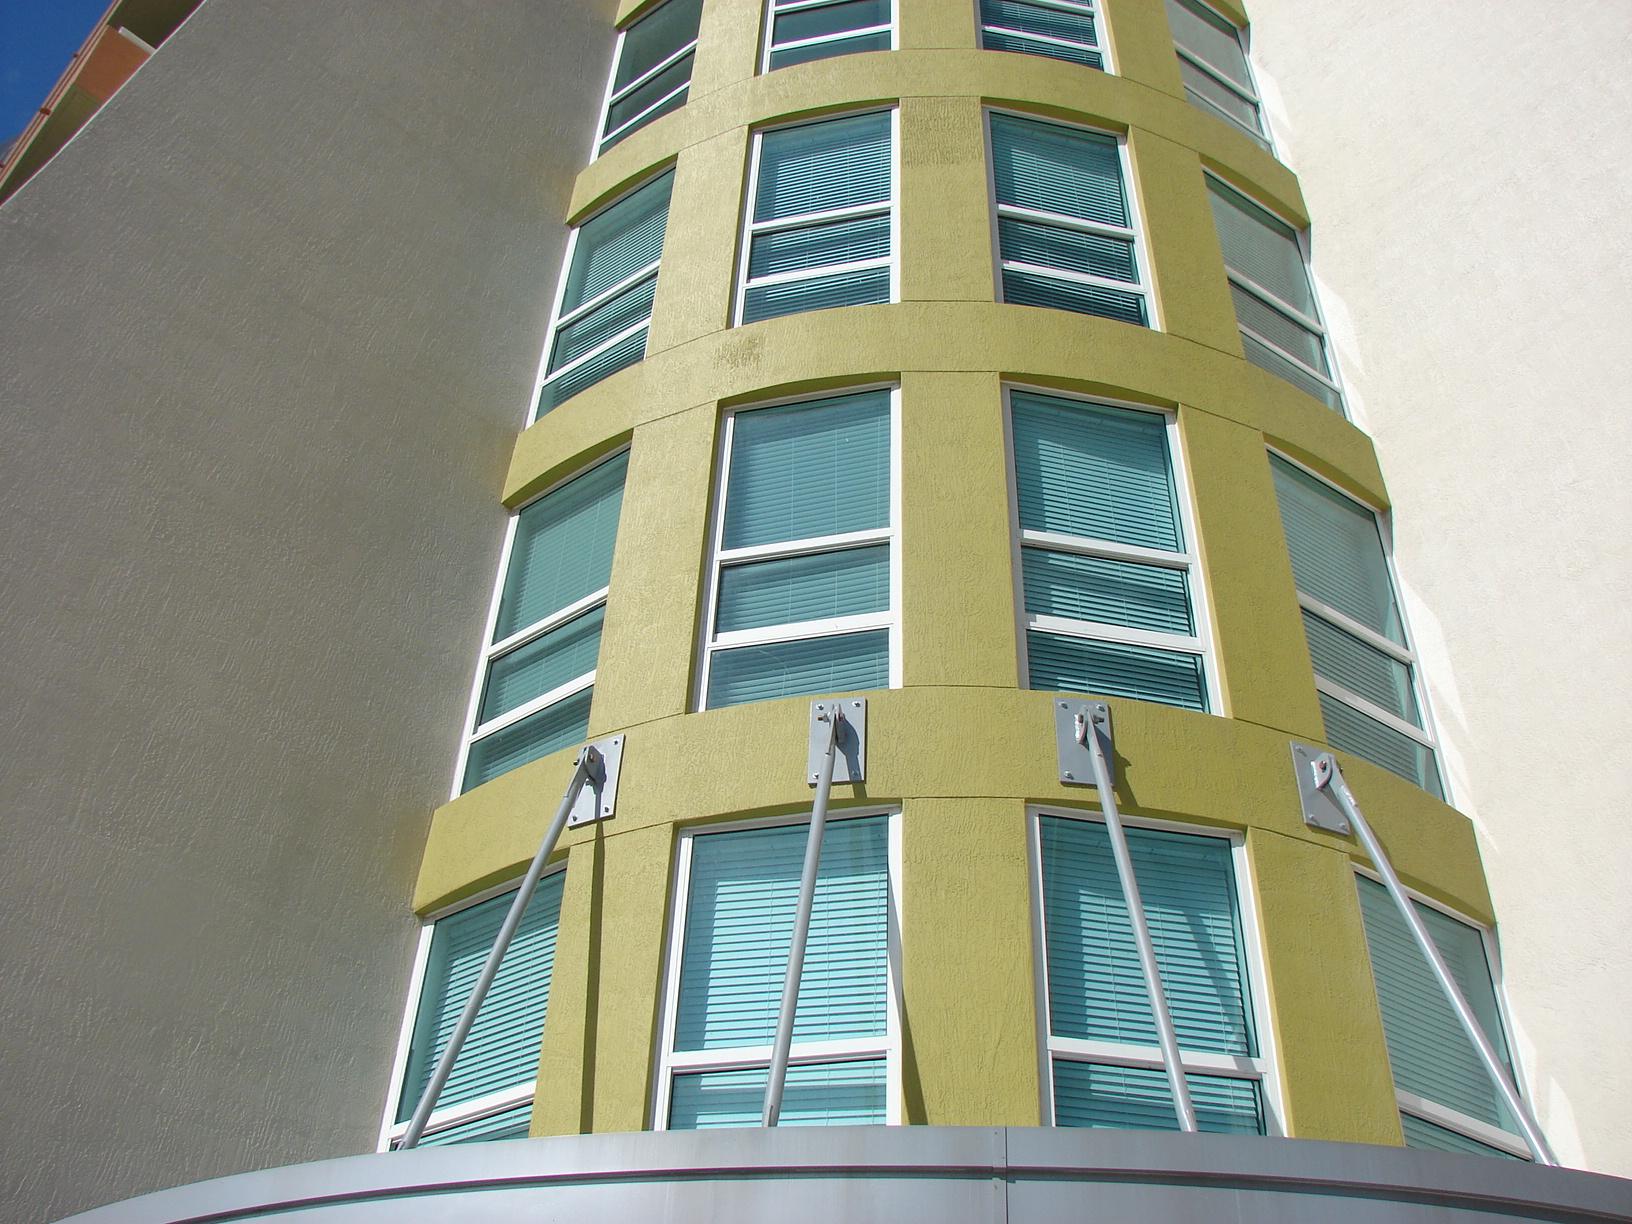 Condominiums Downtown Tampa Florida